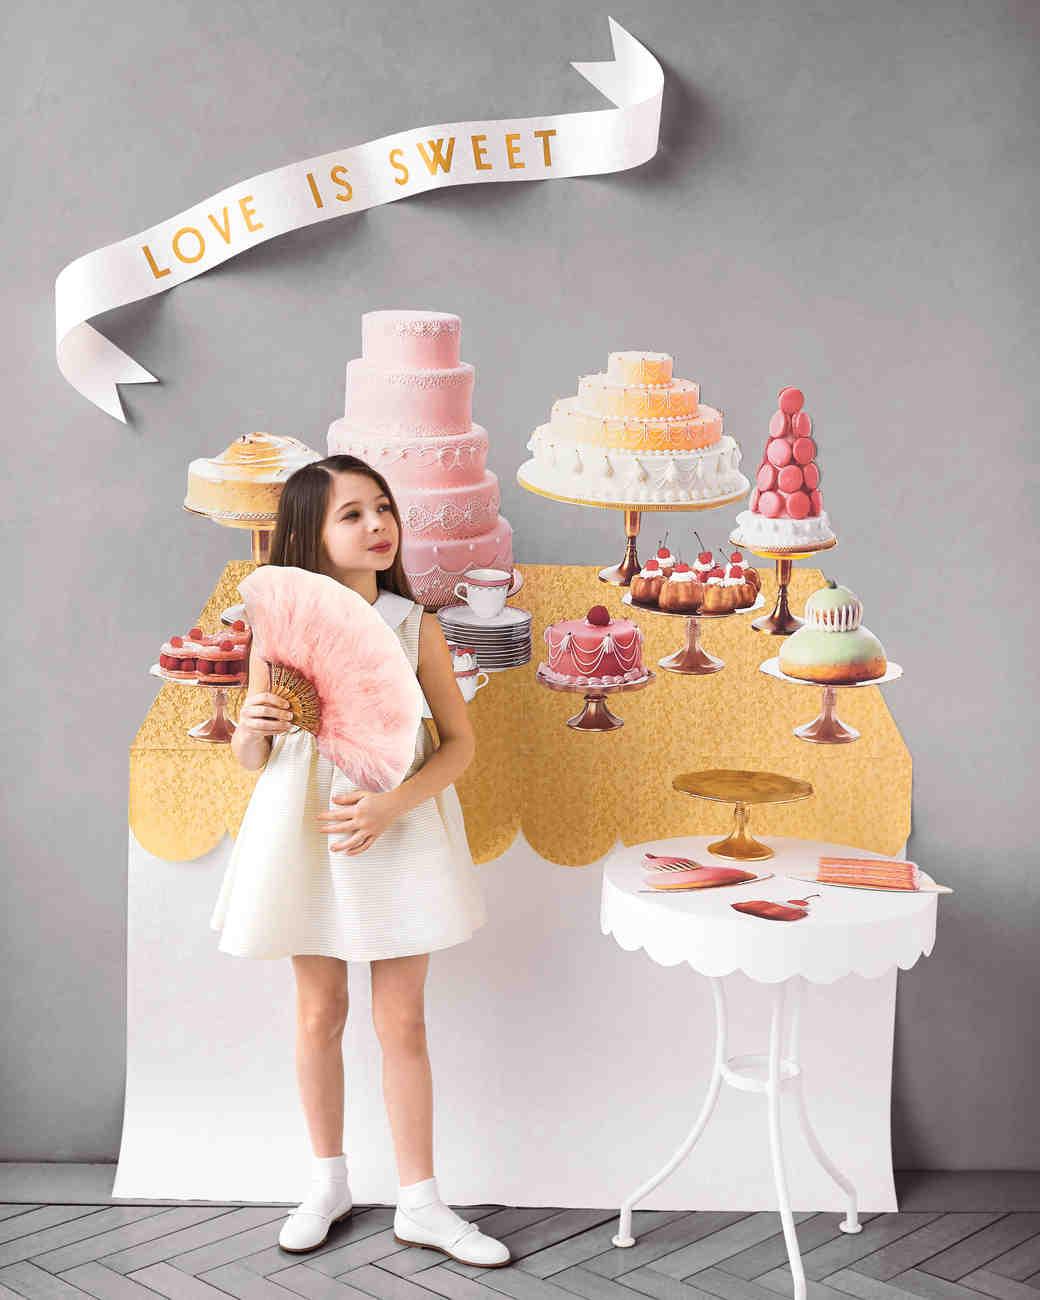 dessert-buffet-girl-a38q0593-d111020-comp.jpg